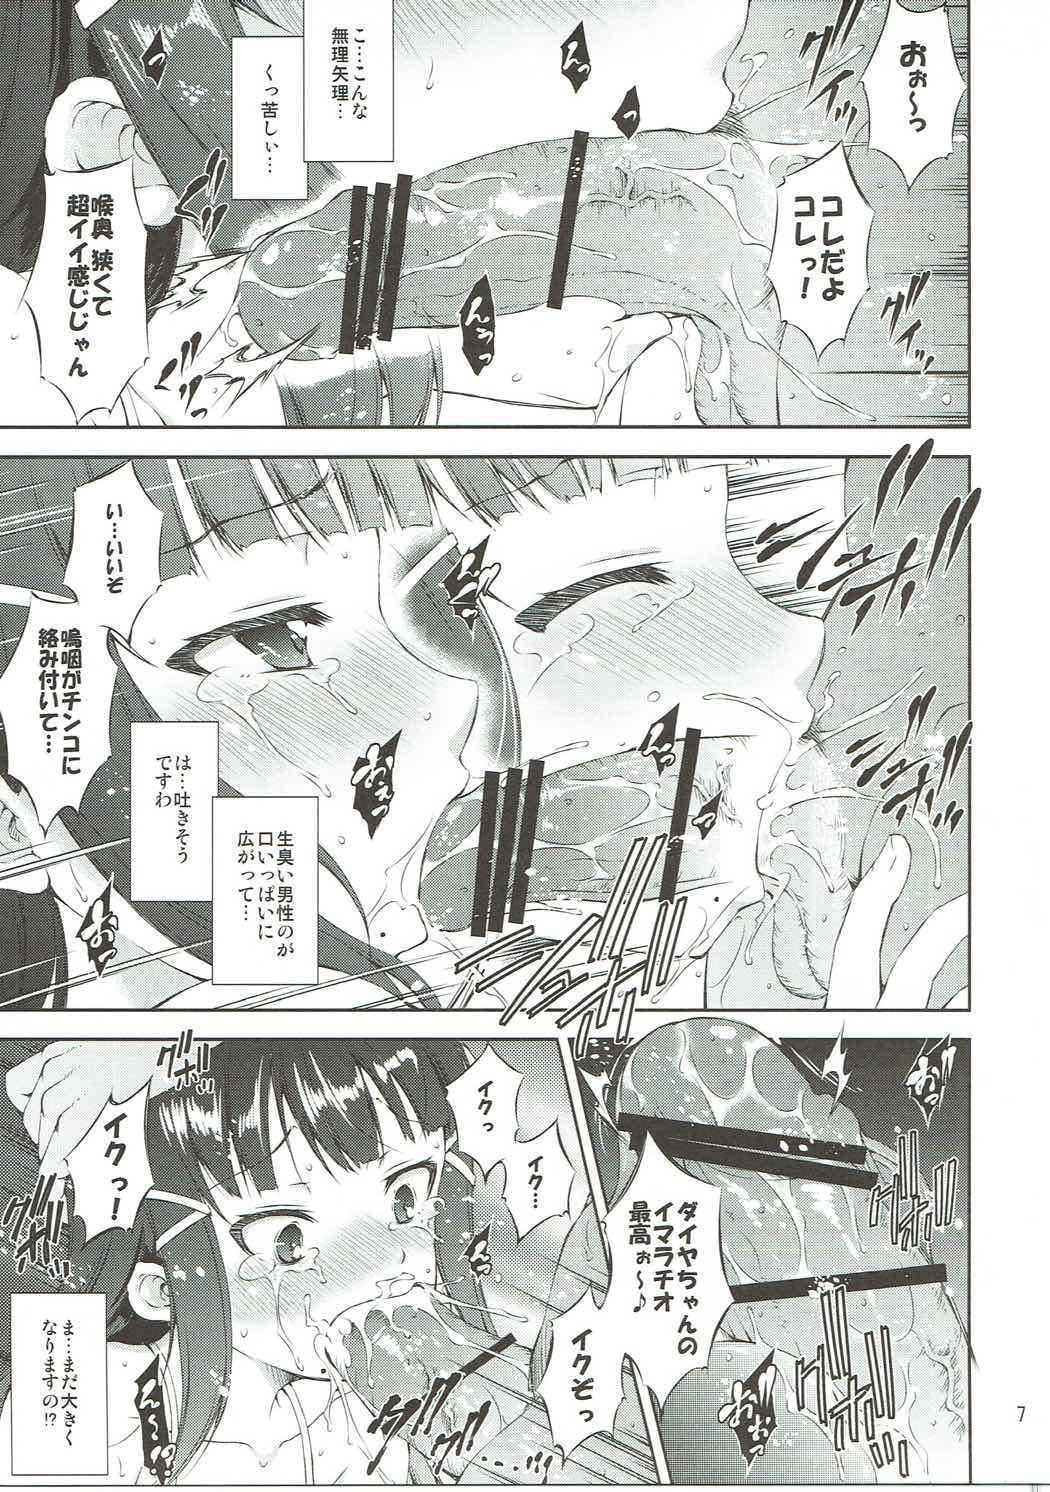 Umi no Ie de Idol ga Massage Hajimemashita. 5